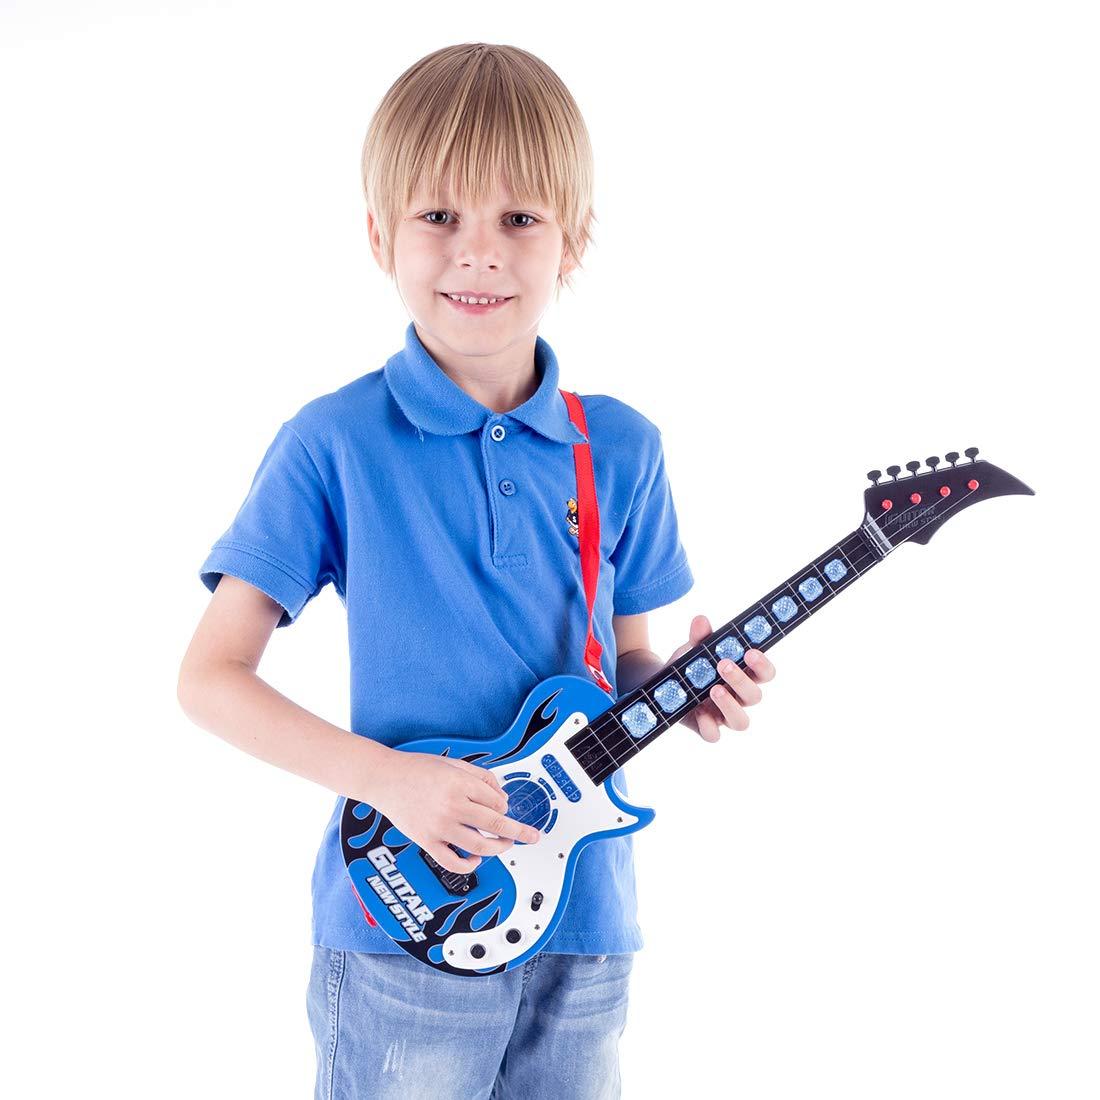 MRKE Guitarra Electrica Niños 53cm 4 Cuerdas Rock Juguete de Instrumentos Musicales Guitarra Regalo con Luz Musical para Infantil Niño y Niña 3-8 Años: ...